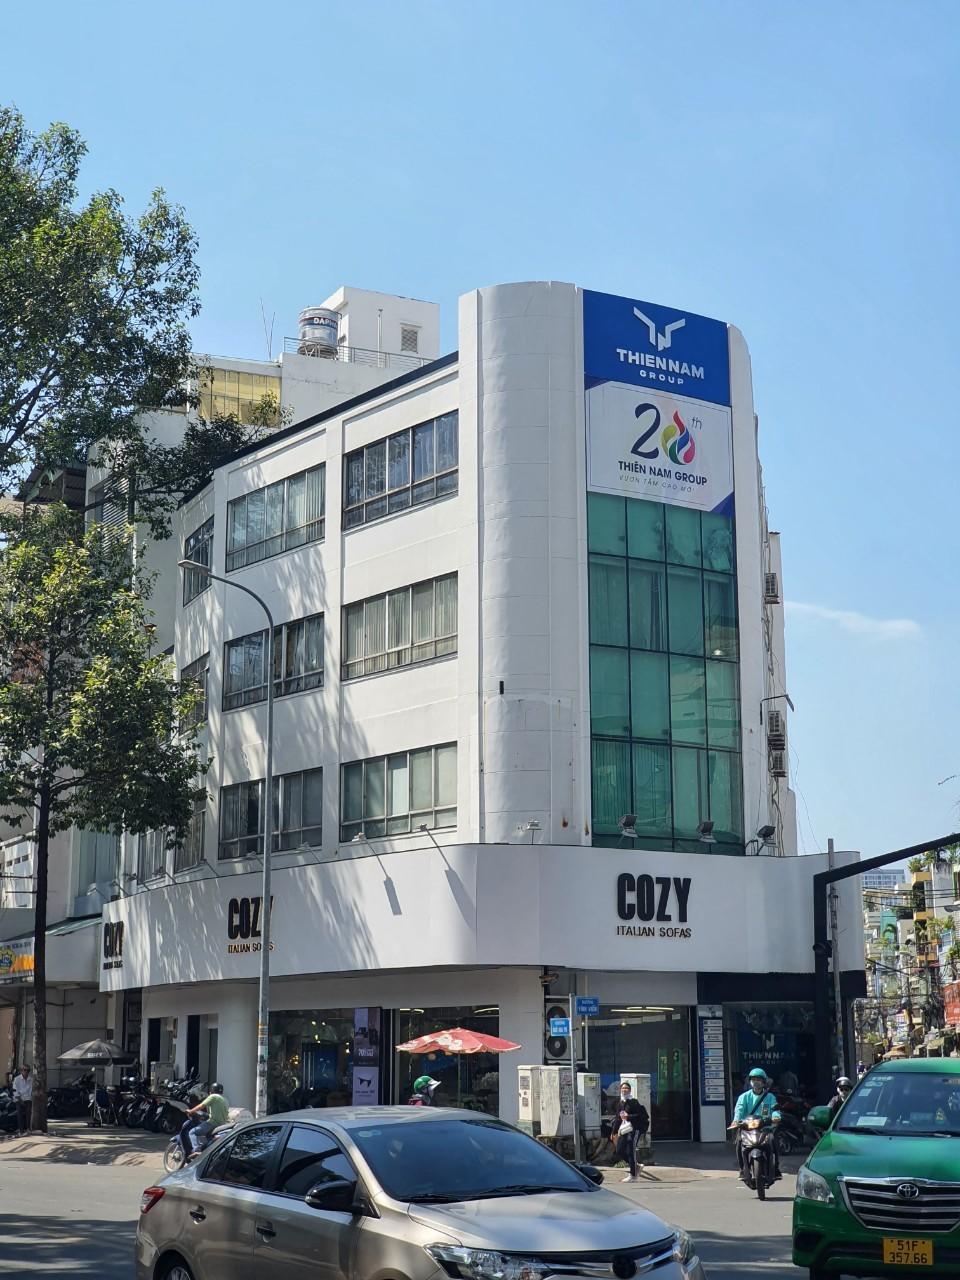 Gia tăng tiện ích và chỉnh trang các tòa nhà văn phòng cho thuê. Ảnh: Thiên Nam Group